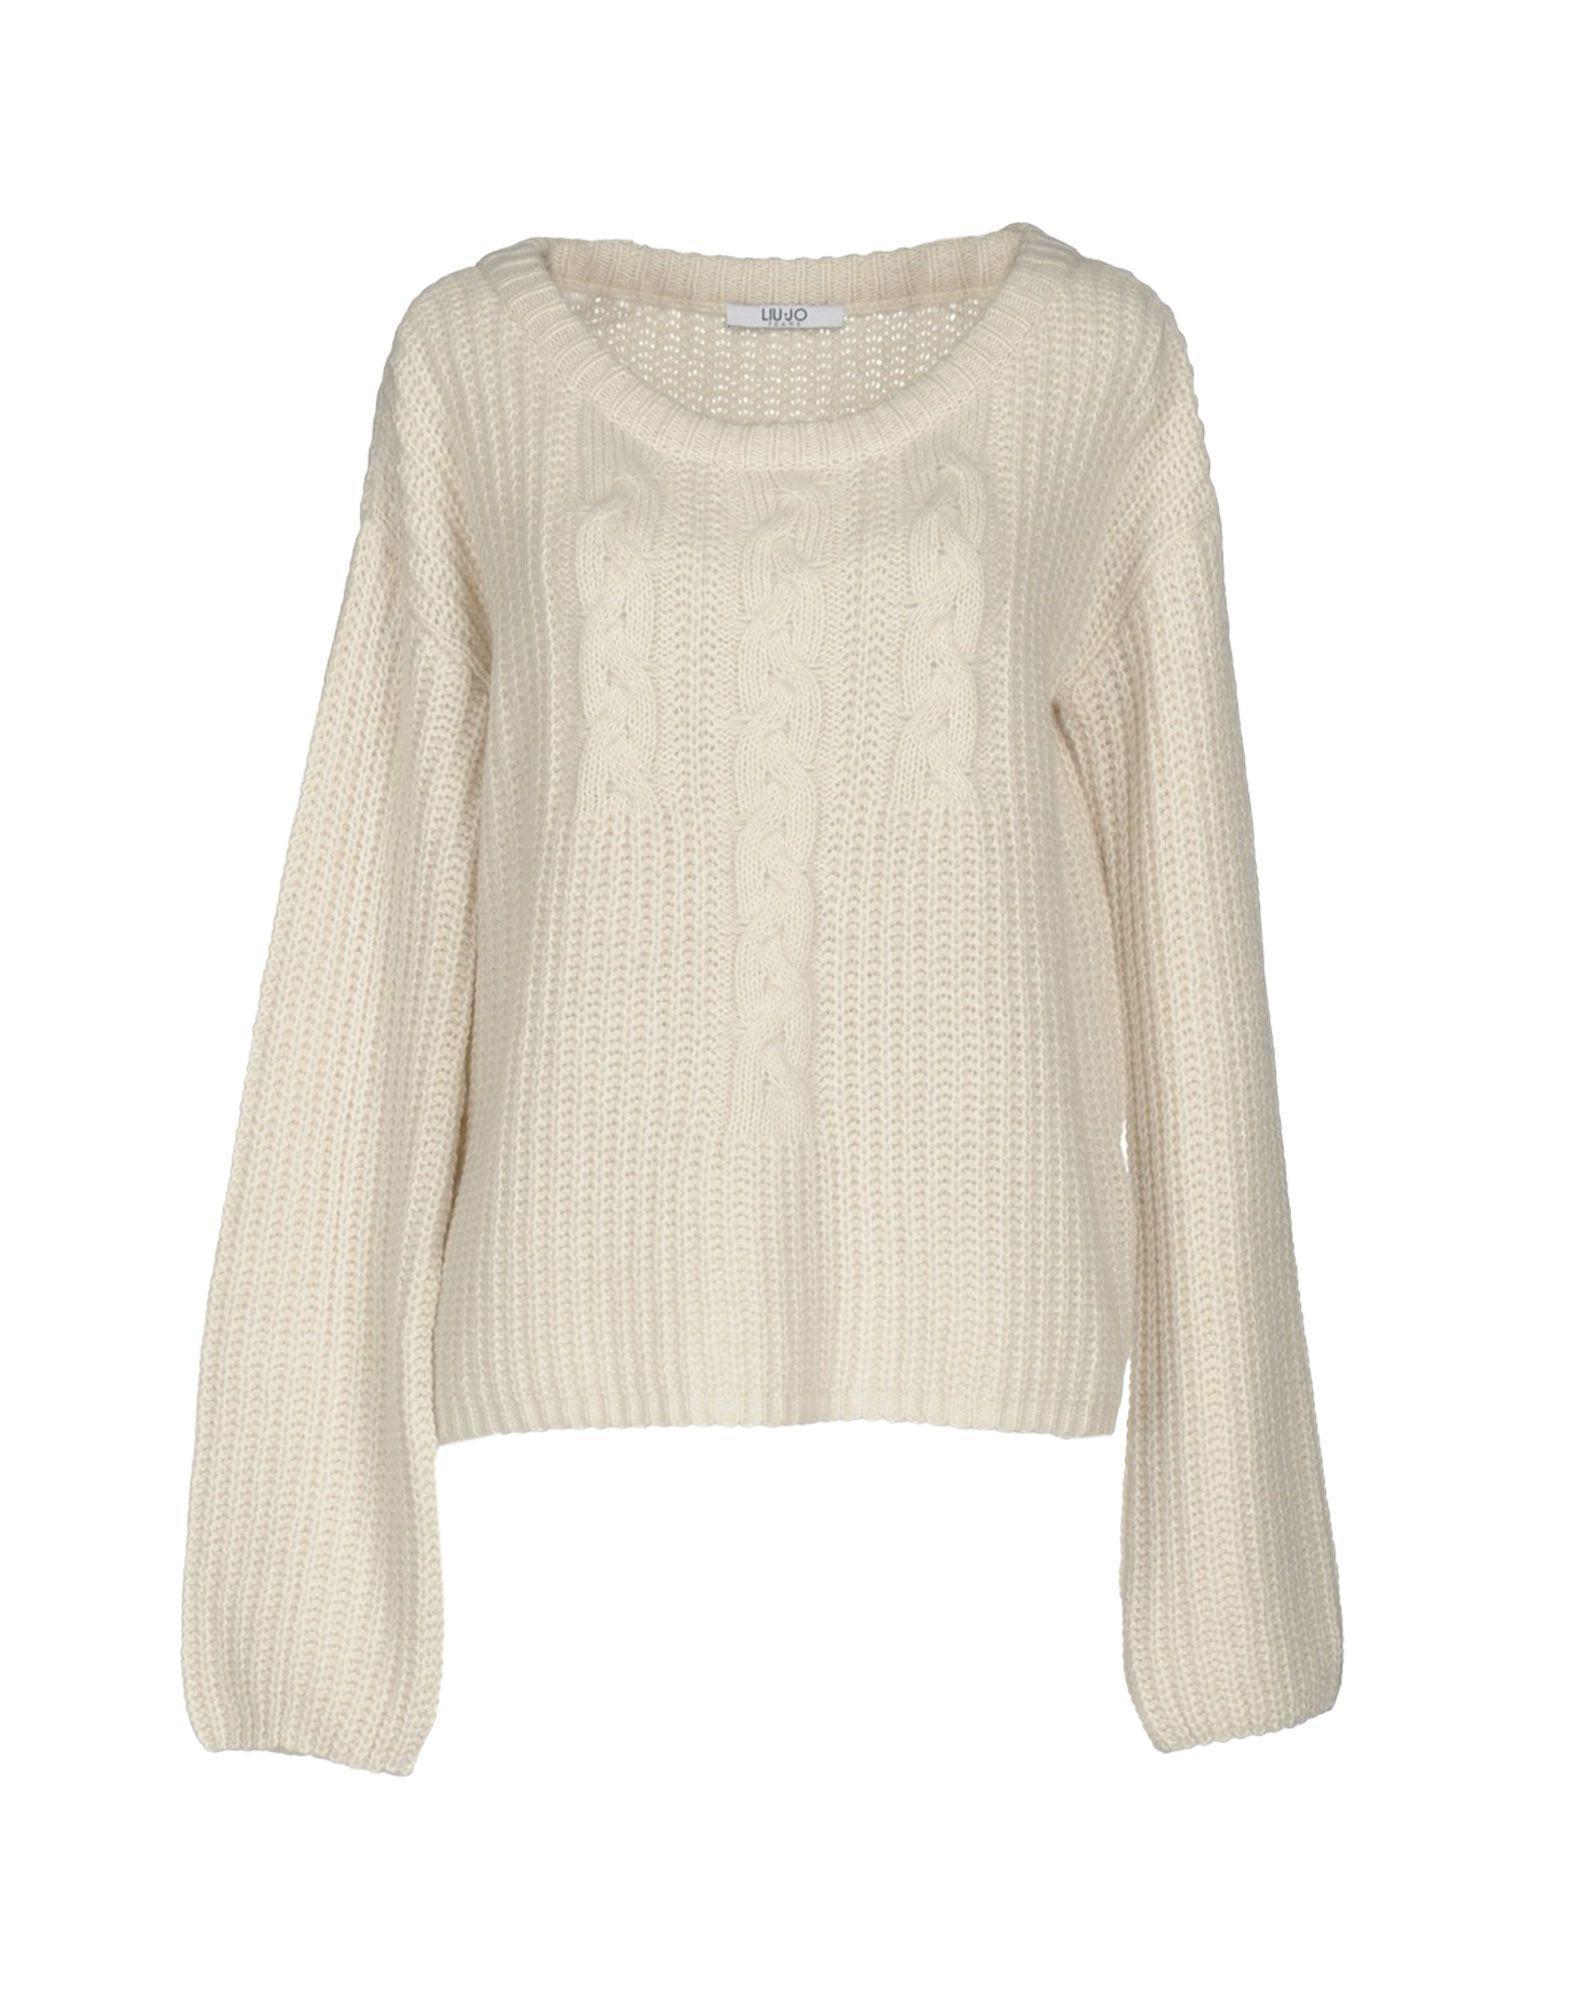 Liu •jo Sweater In Ivory